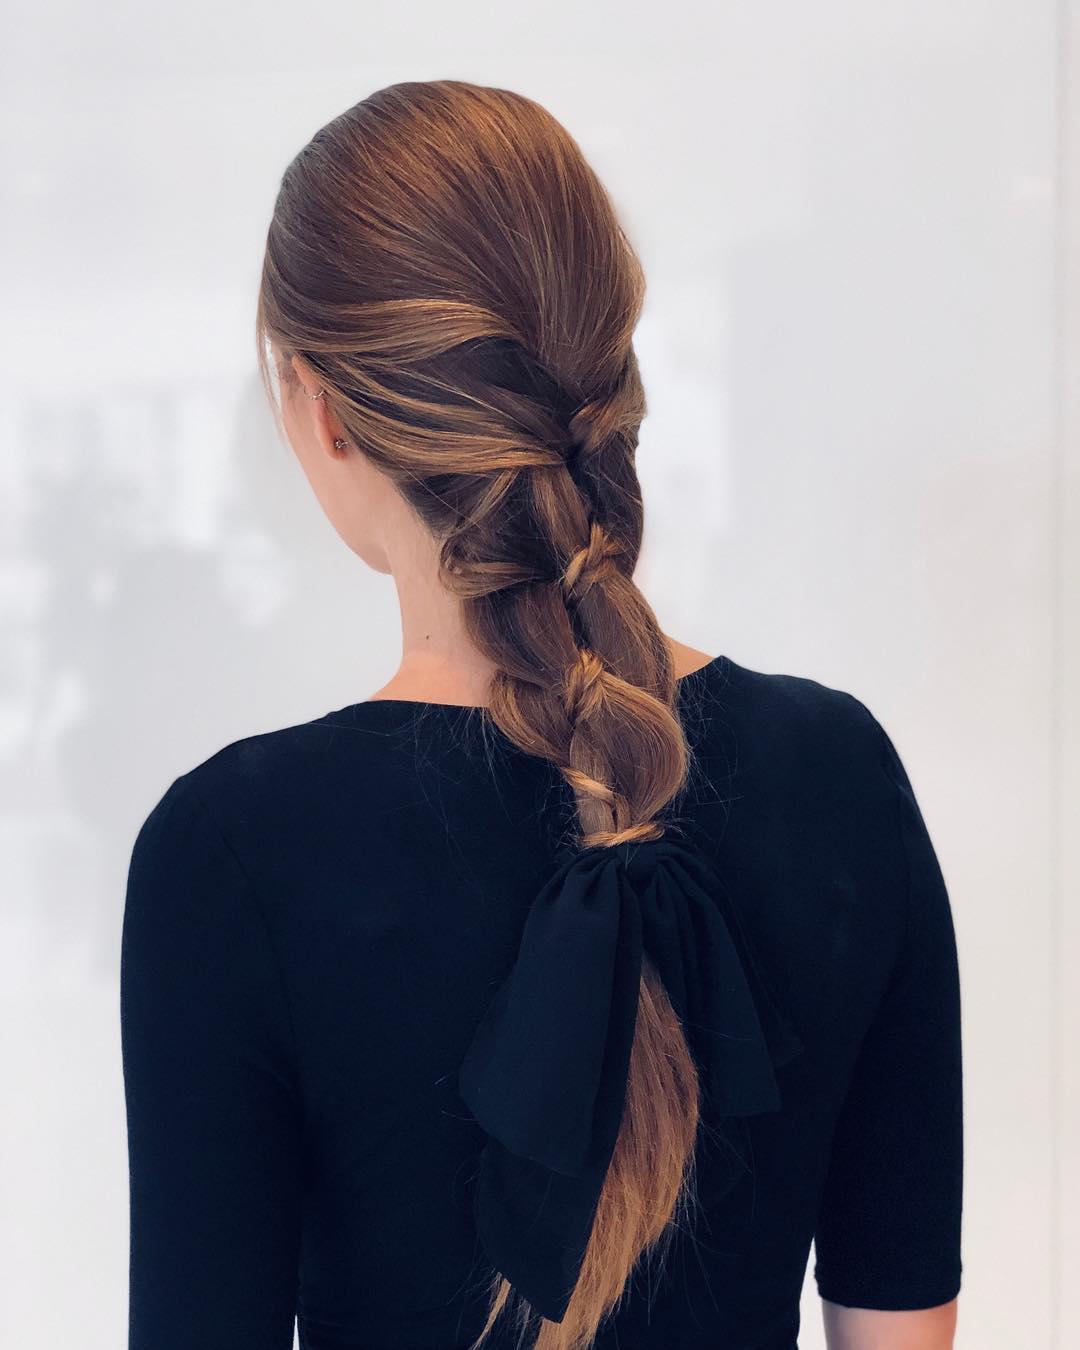 40 verschiedene Stile, um Braid Frisuren für Frauen zu machen